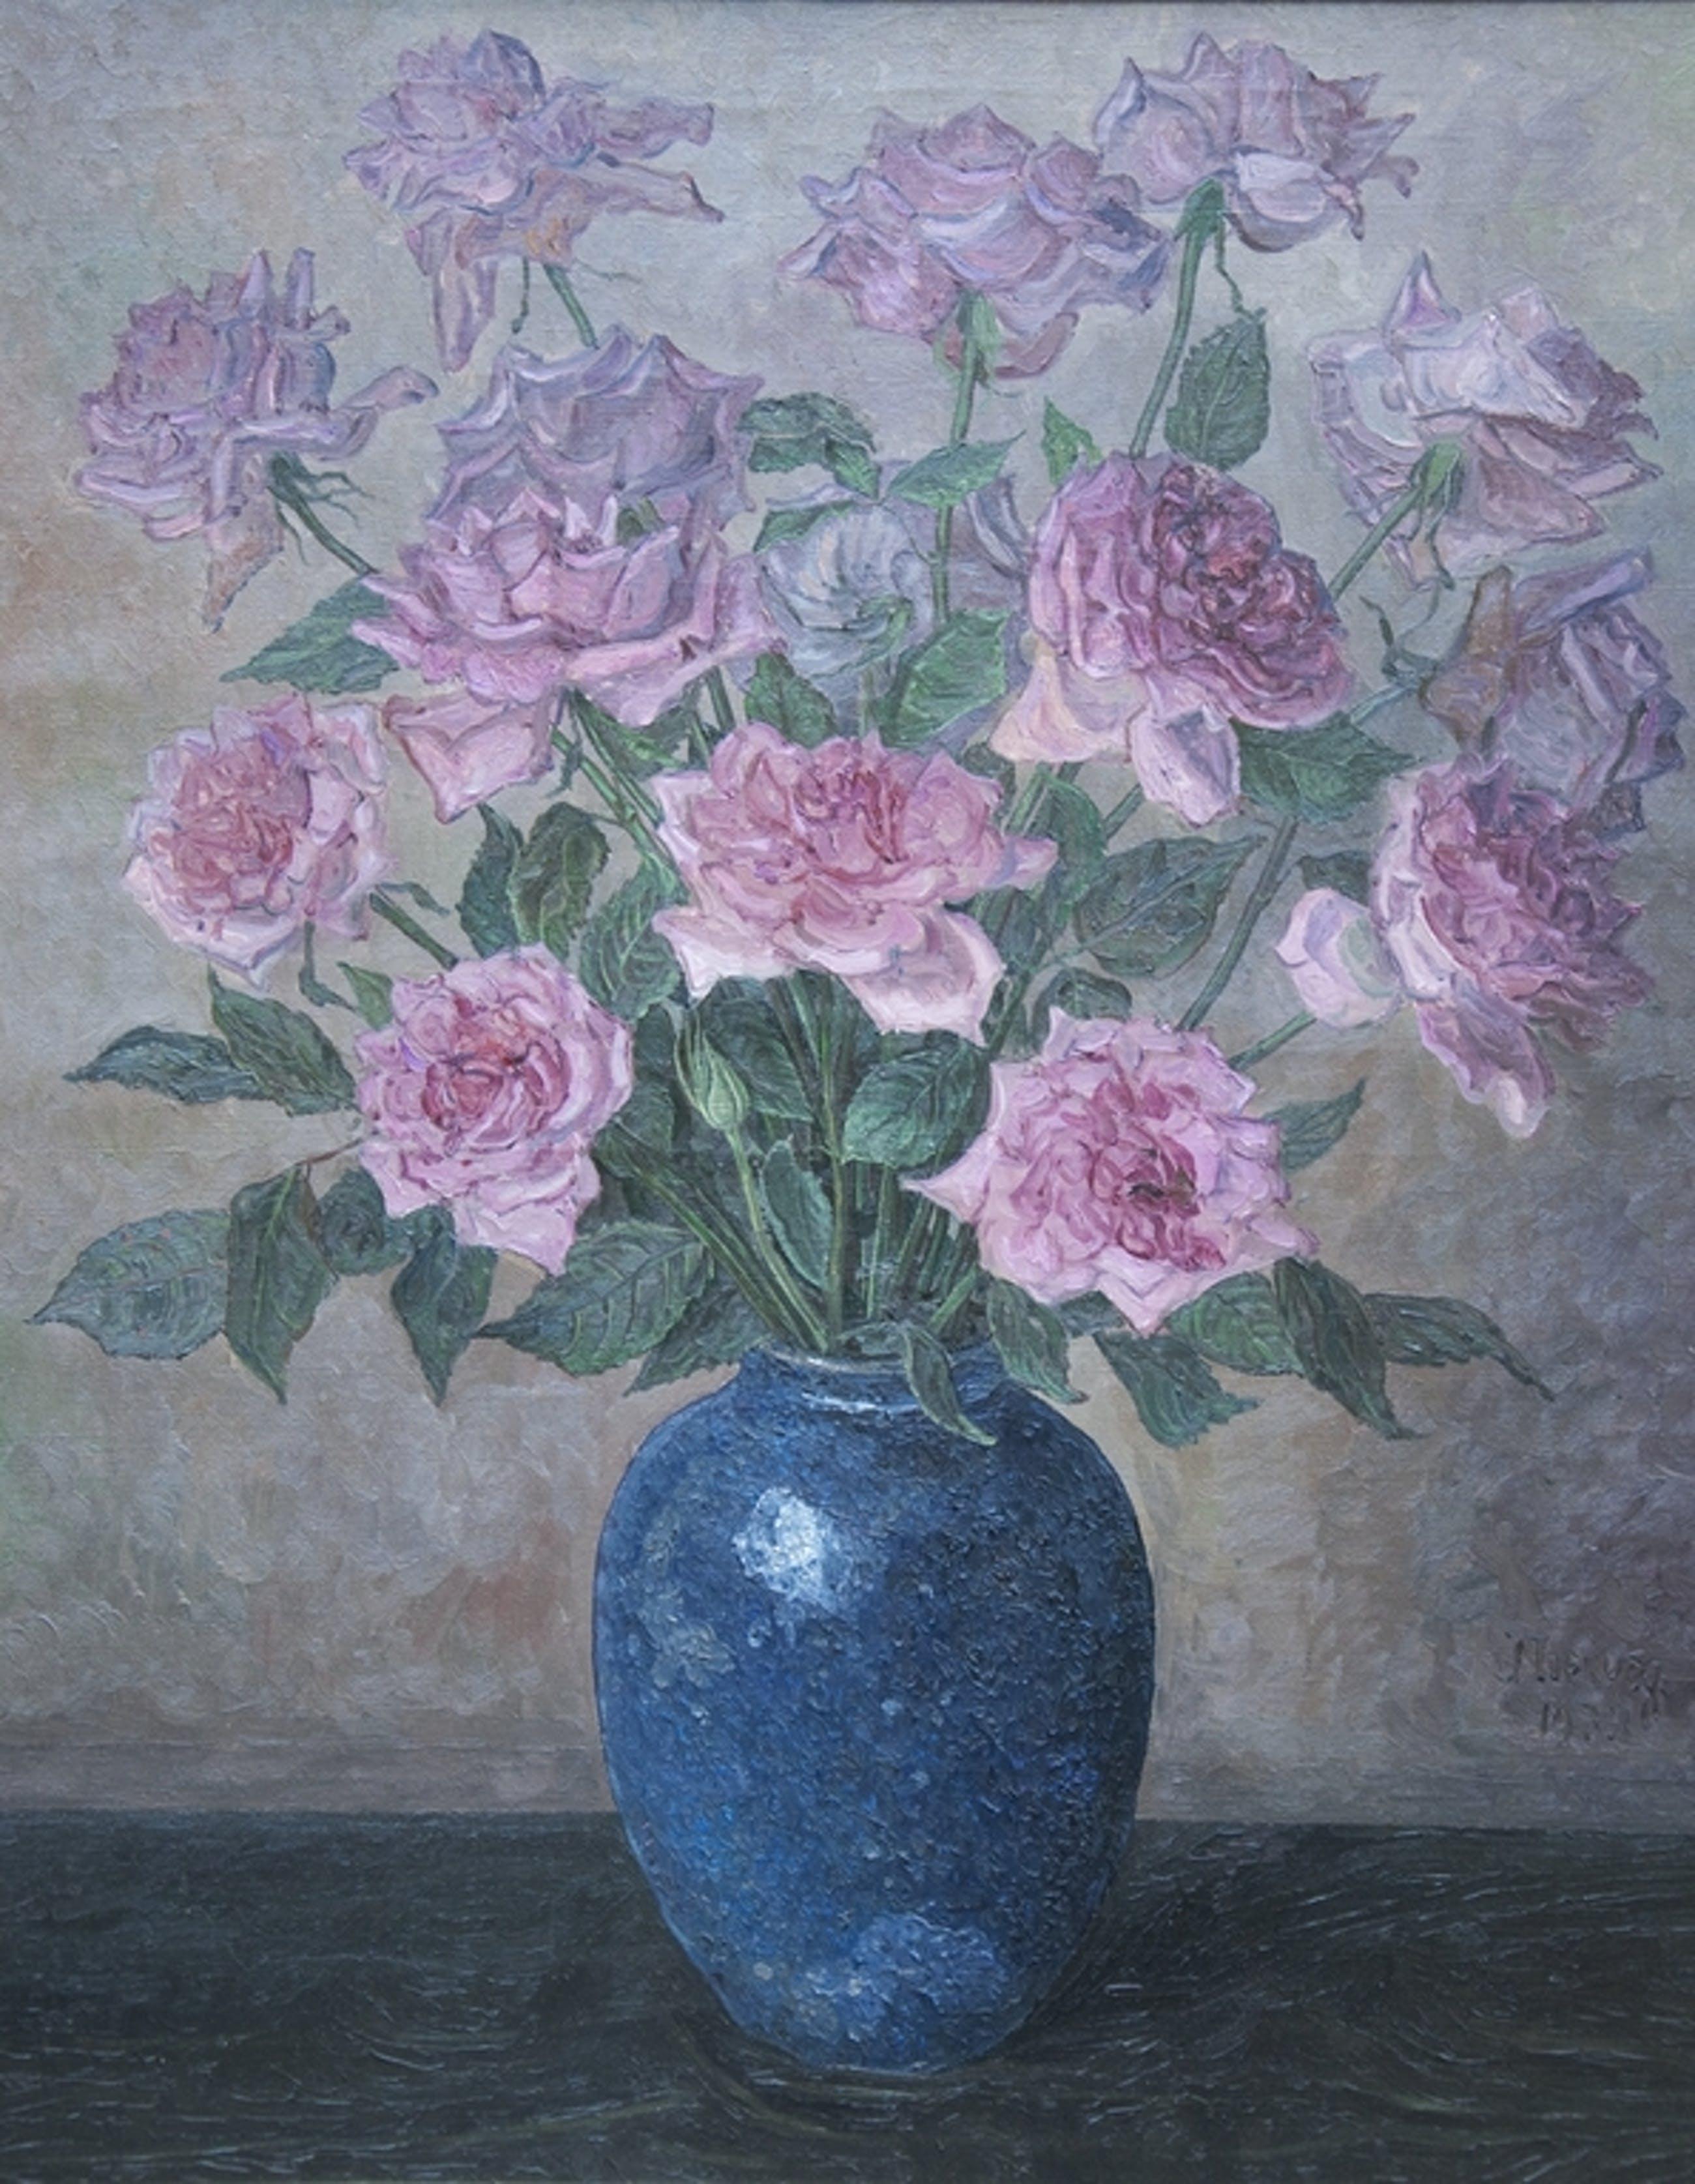 Jaap Nieweg | 1877-1955, Vaas met rozen - olieverf op doek - gesigneerd - 1932  kopen? Bied vanaf 1200!